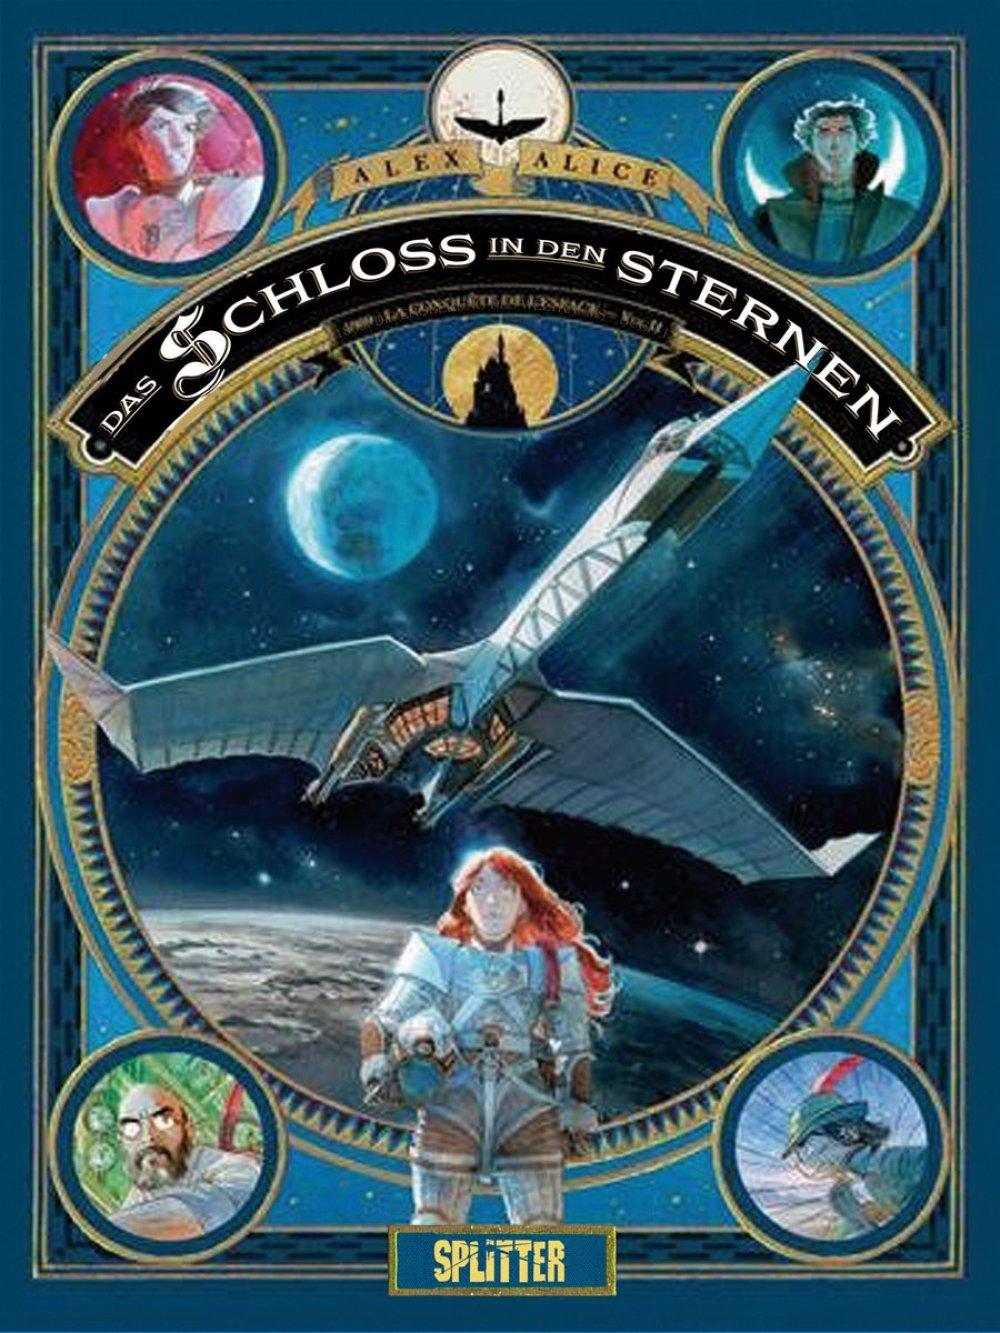 Das Schloss in den Sternen 2 : 1869 - Die Eroberung des Weltraums - Buch 2